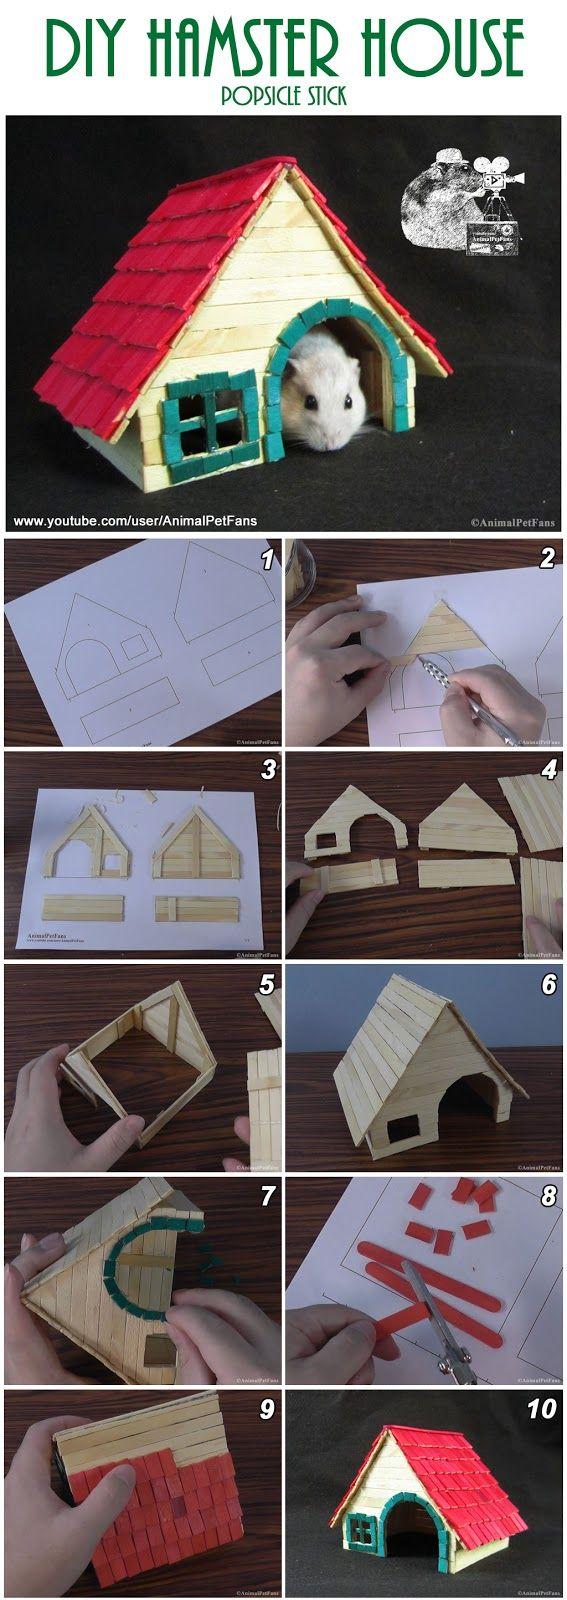 DIY Hamster House popsicle stick - Como fazer uma casinha de ...